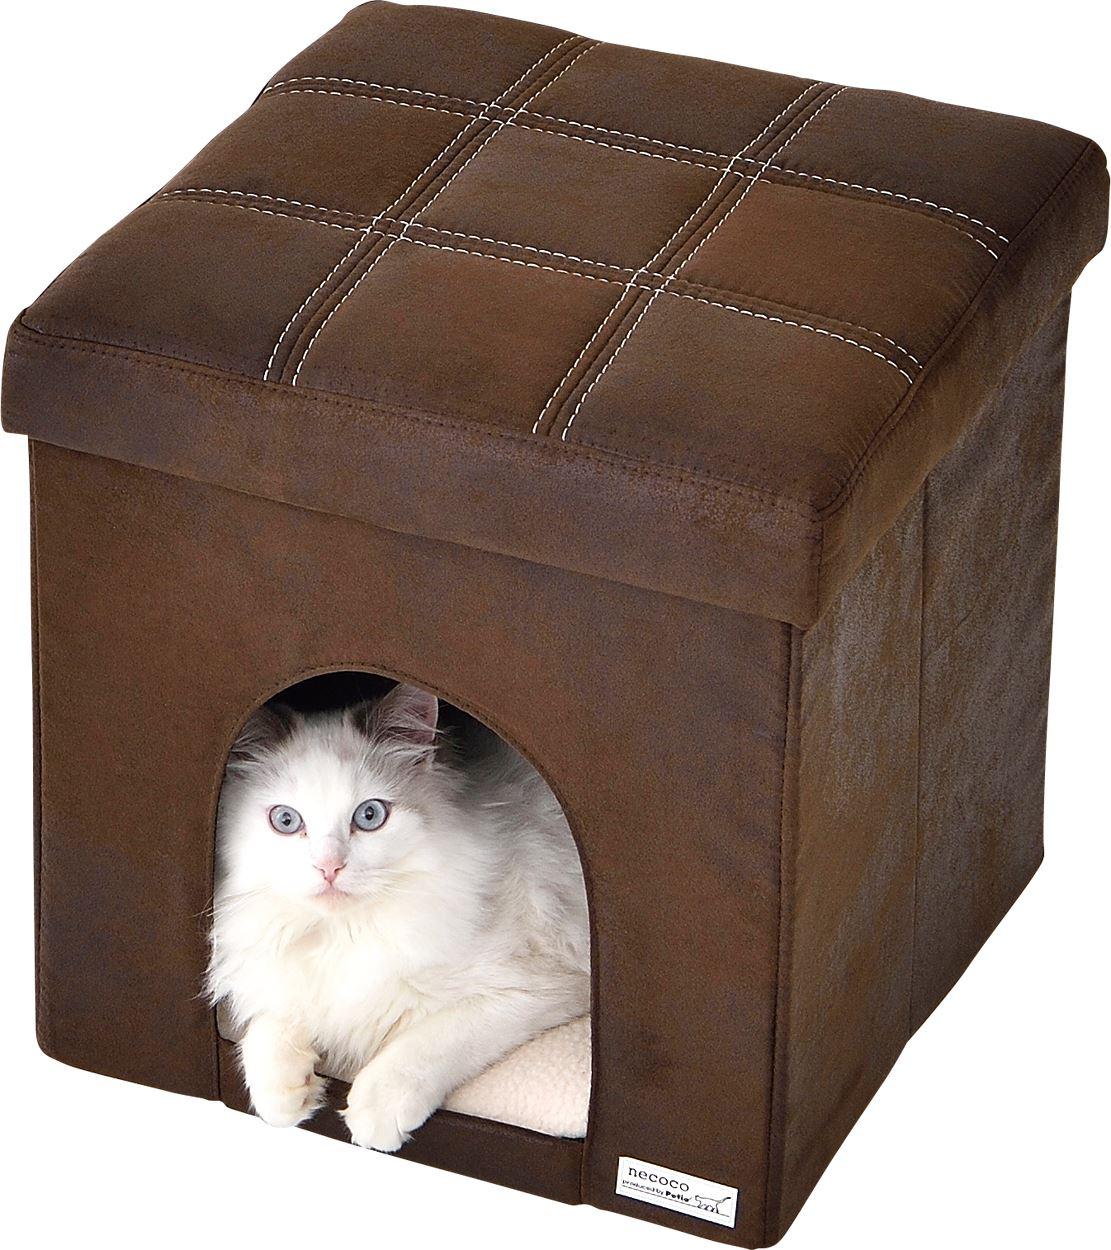 愛猫のハウスにも、人のスツールにも